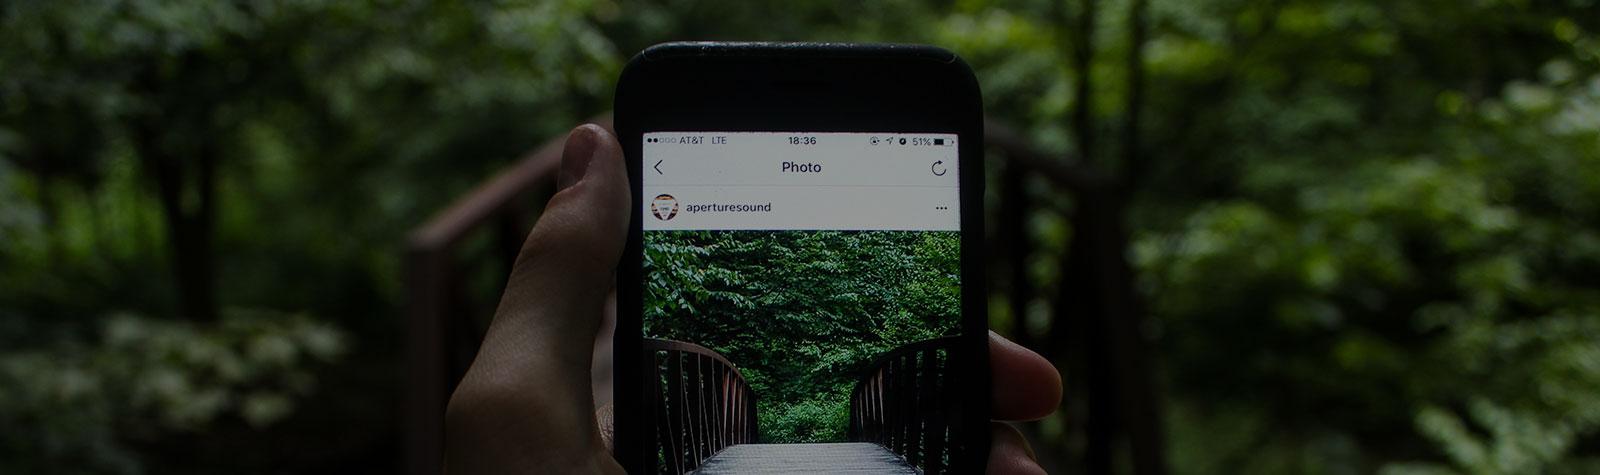 Cómo programar en Instagram desde Facebook